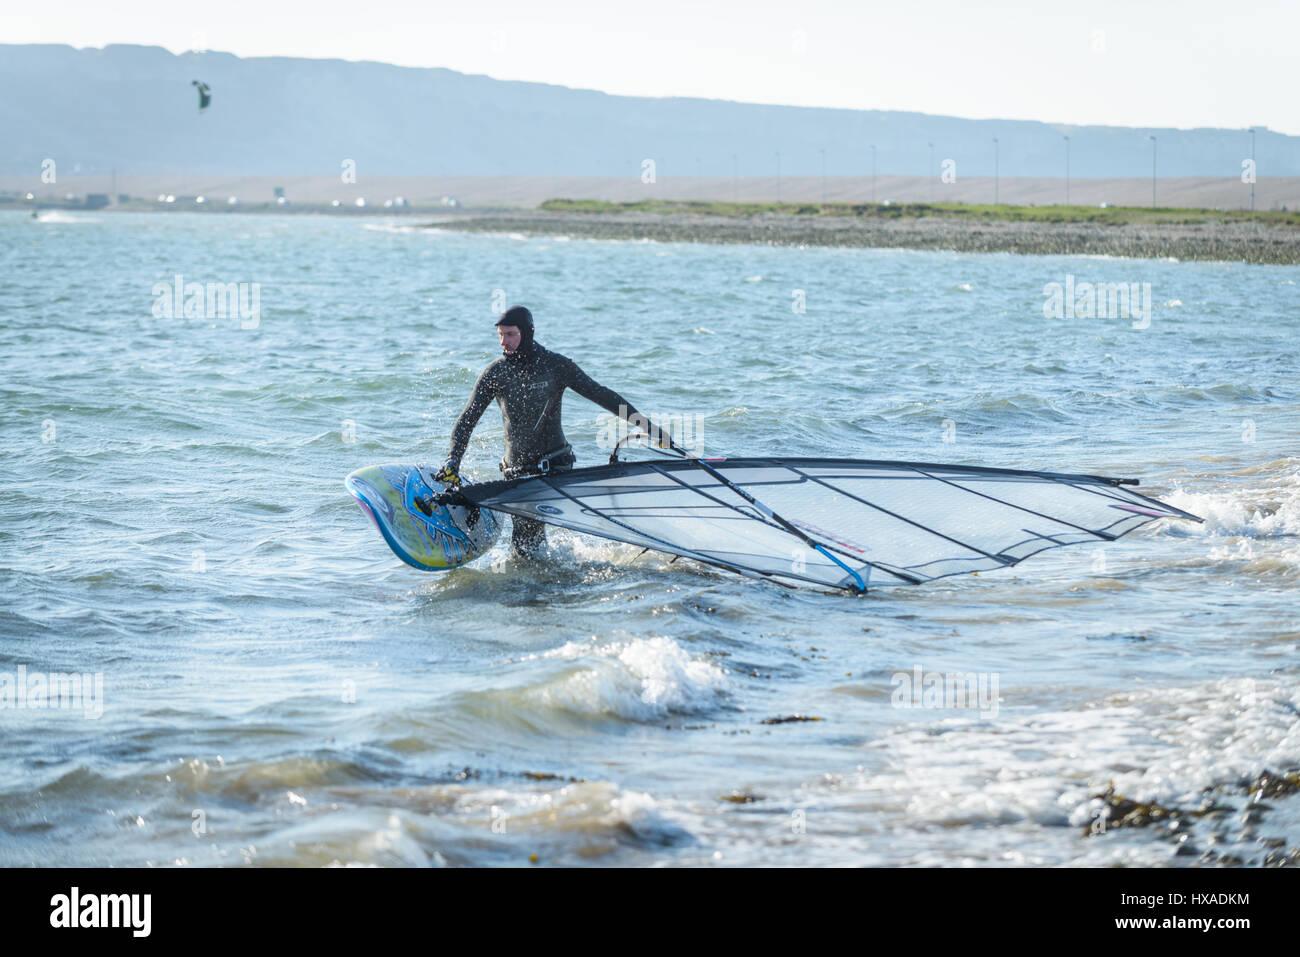 Portland Harbour, Dorset, Regno Unito. Il 26 marzo 2017. Un uomo prepara il suo wind surf di bordo su un croccante Immagini Stock